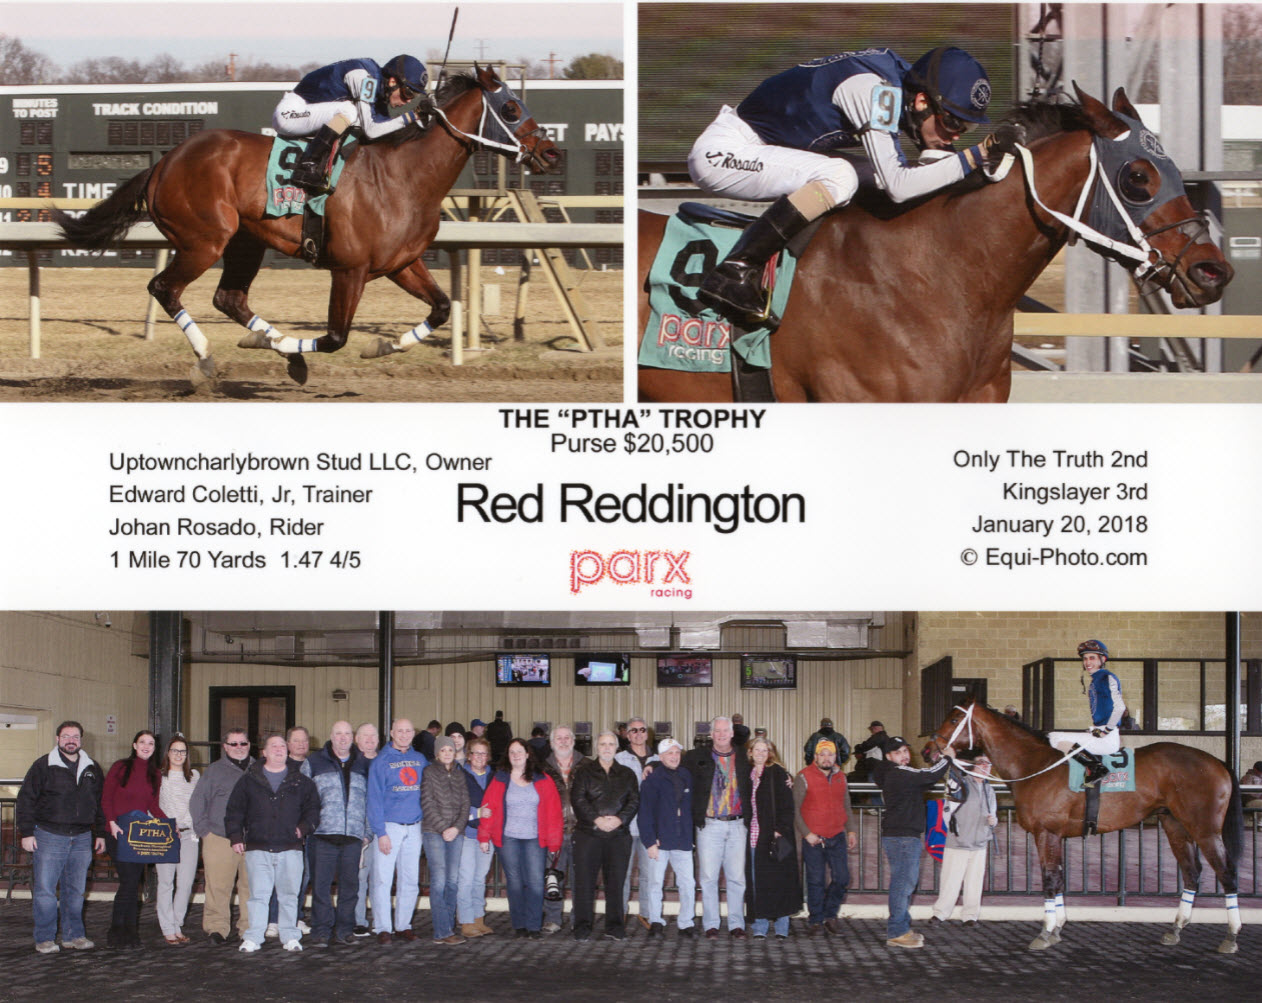 Red Reddington Jan 20.jpg